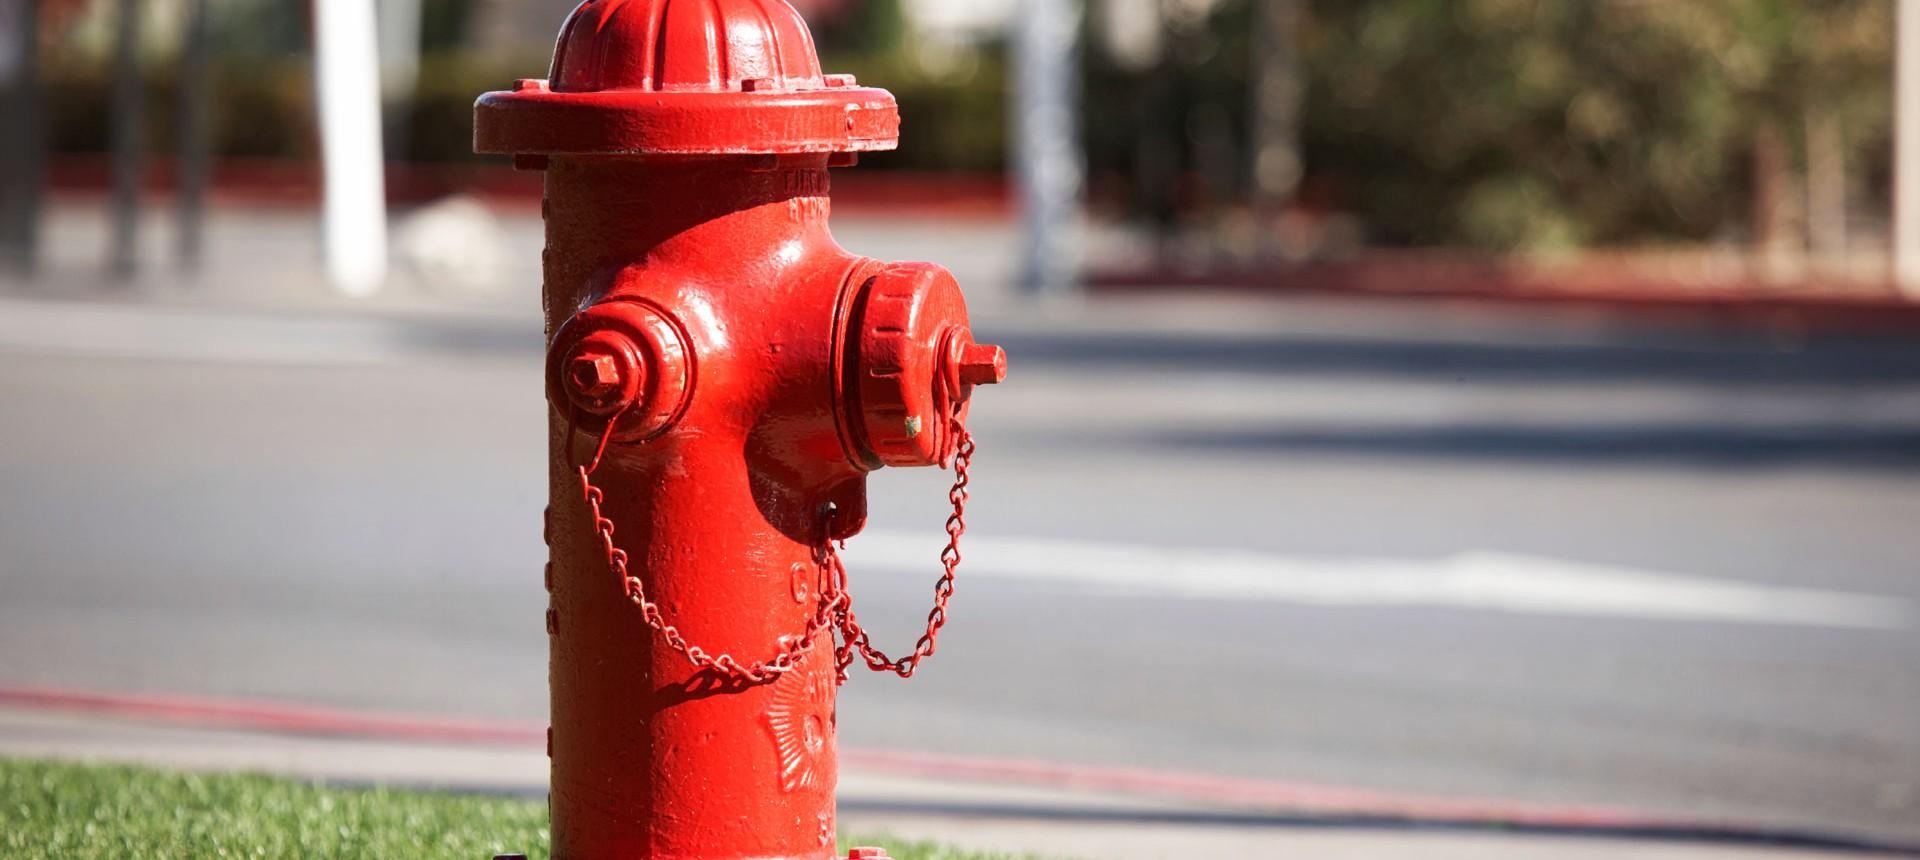 Impianti antincendio idrici